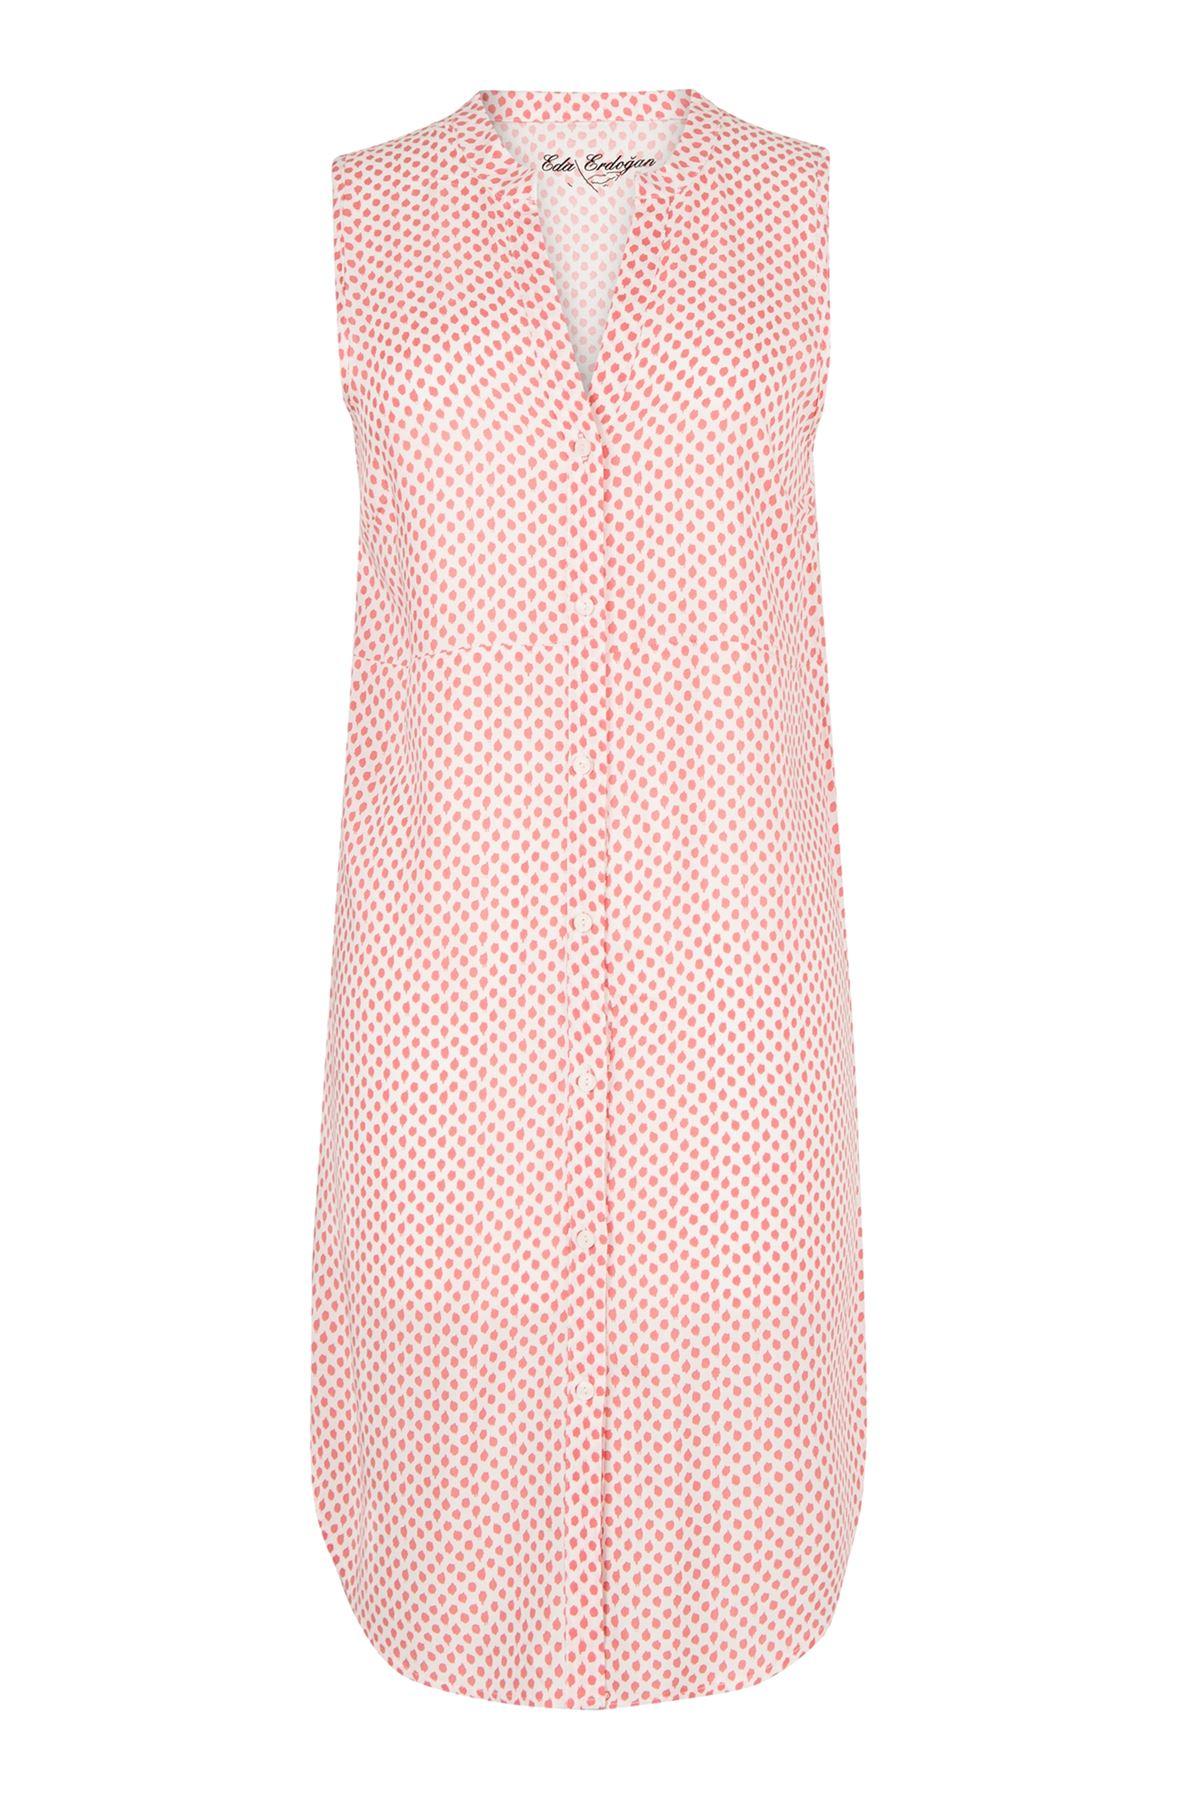 Kolsuz Düğmeli Midi Boy Elbise (Yavruağzı Puantiyeli)